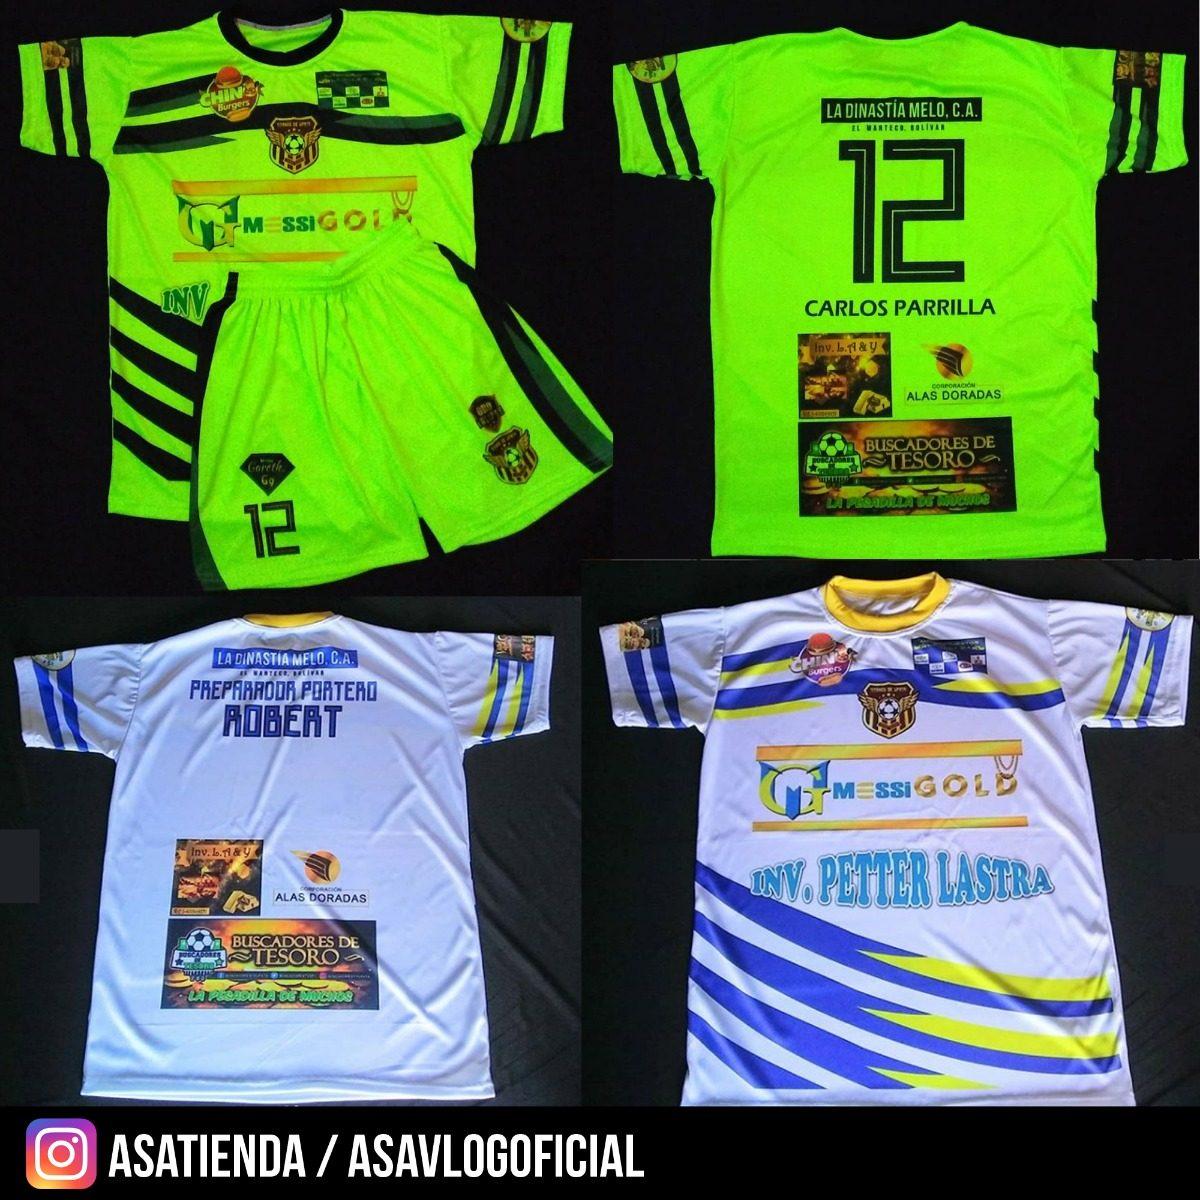 d9c953e0c42e1 uniformes de fútbol personalizados. Cargando zoom.